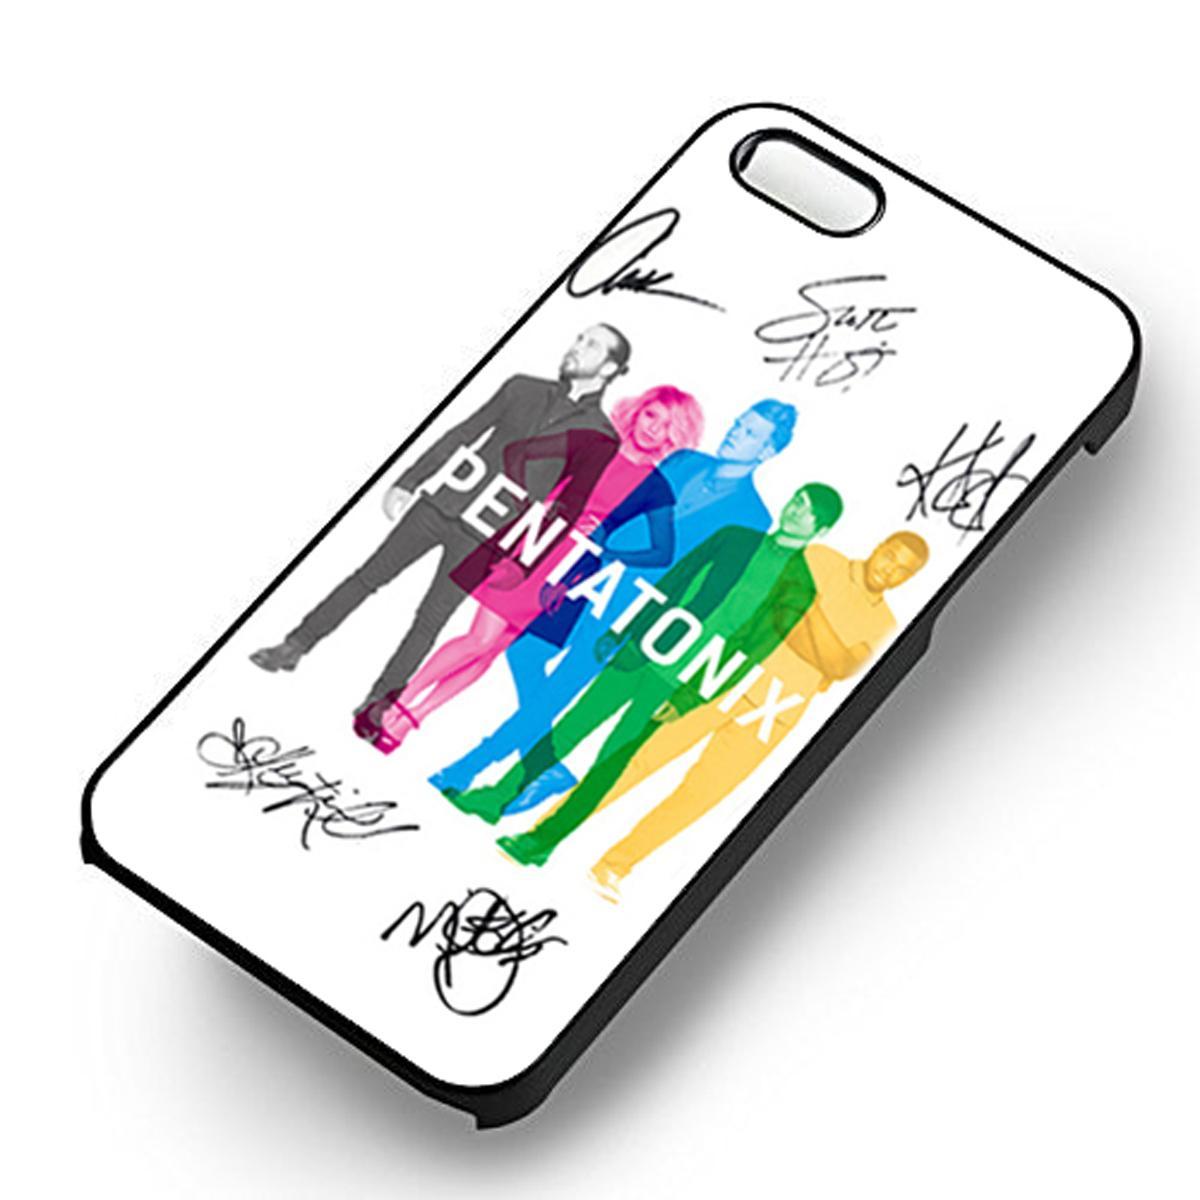 Pentatonix Fashion Phone Cases For Iphone 6 6s Plus 7 7 Plus 5 5s 5c